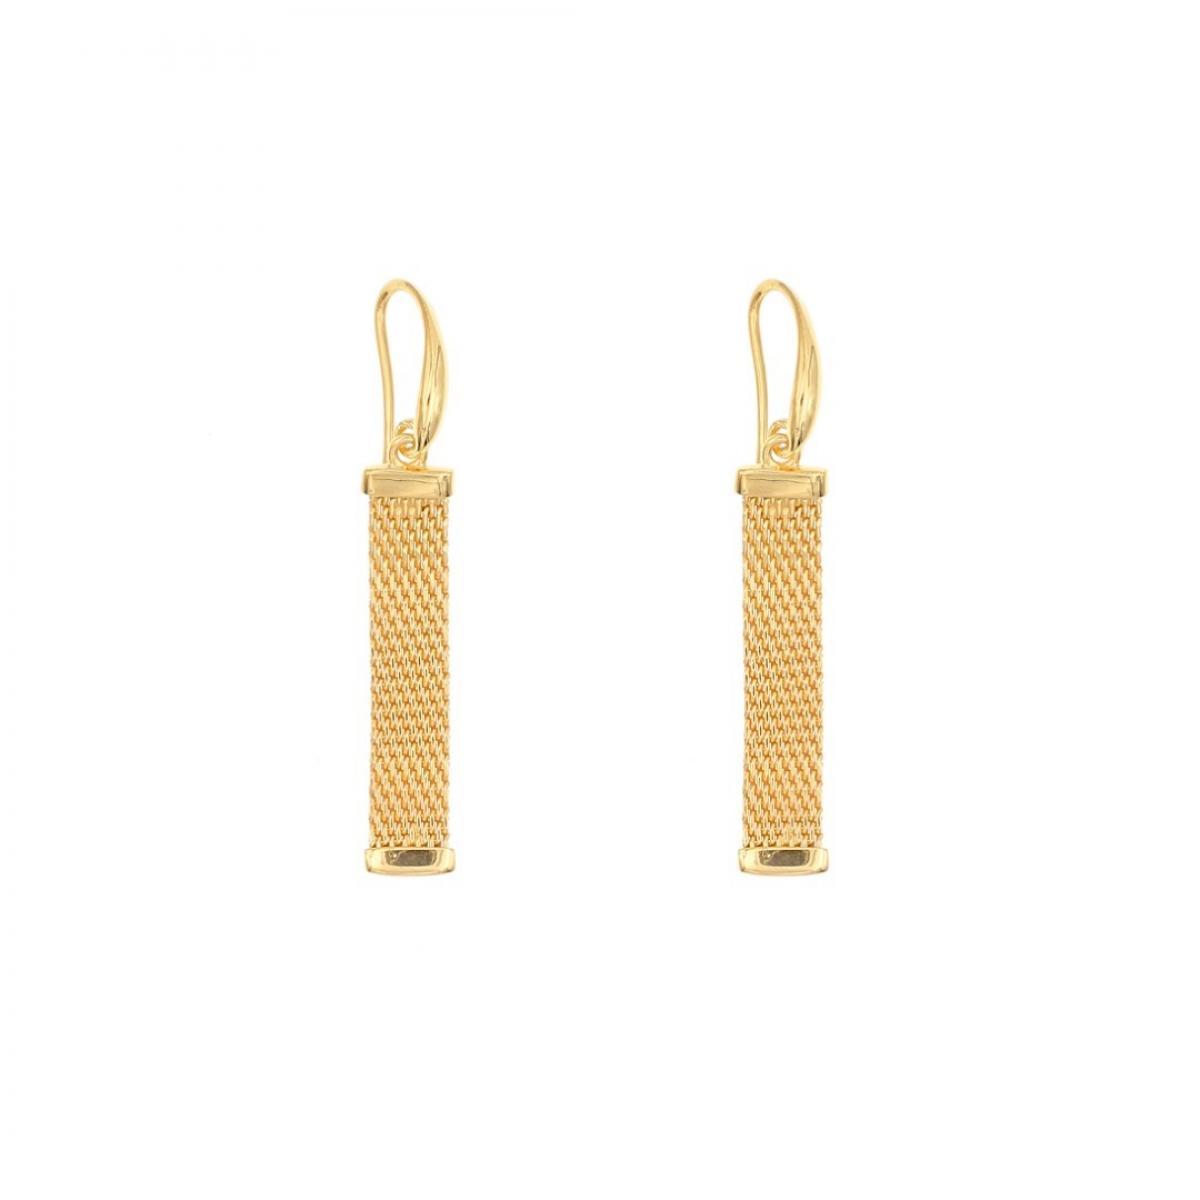 Сережки срібні з позолотою ``Milano Gold`` E19 0154-2556